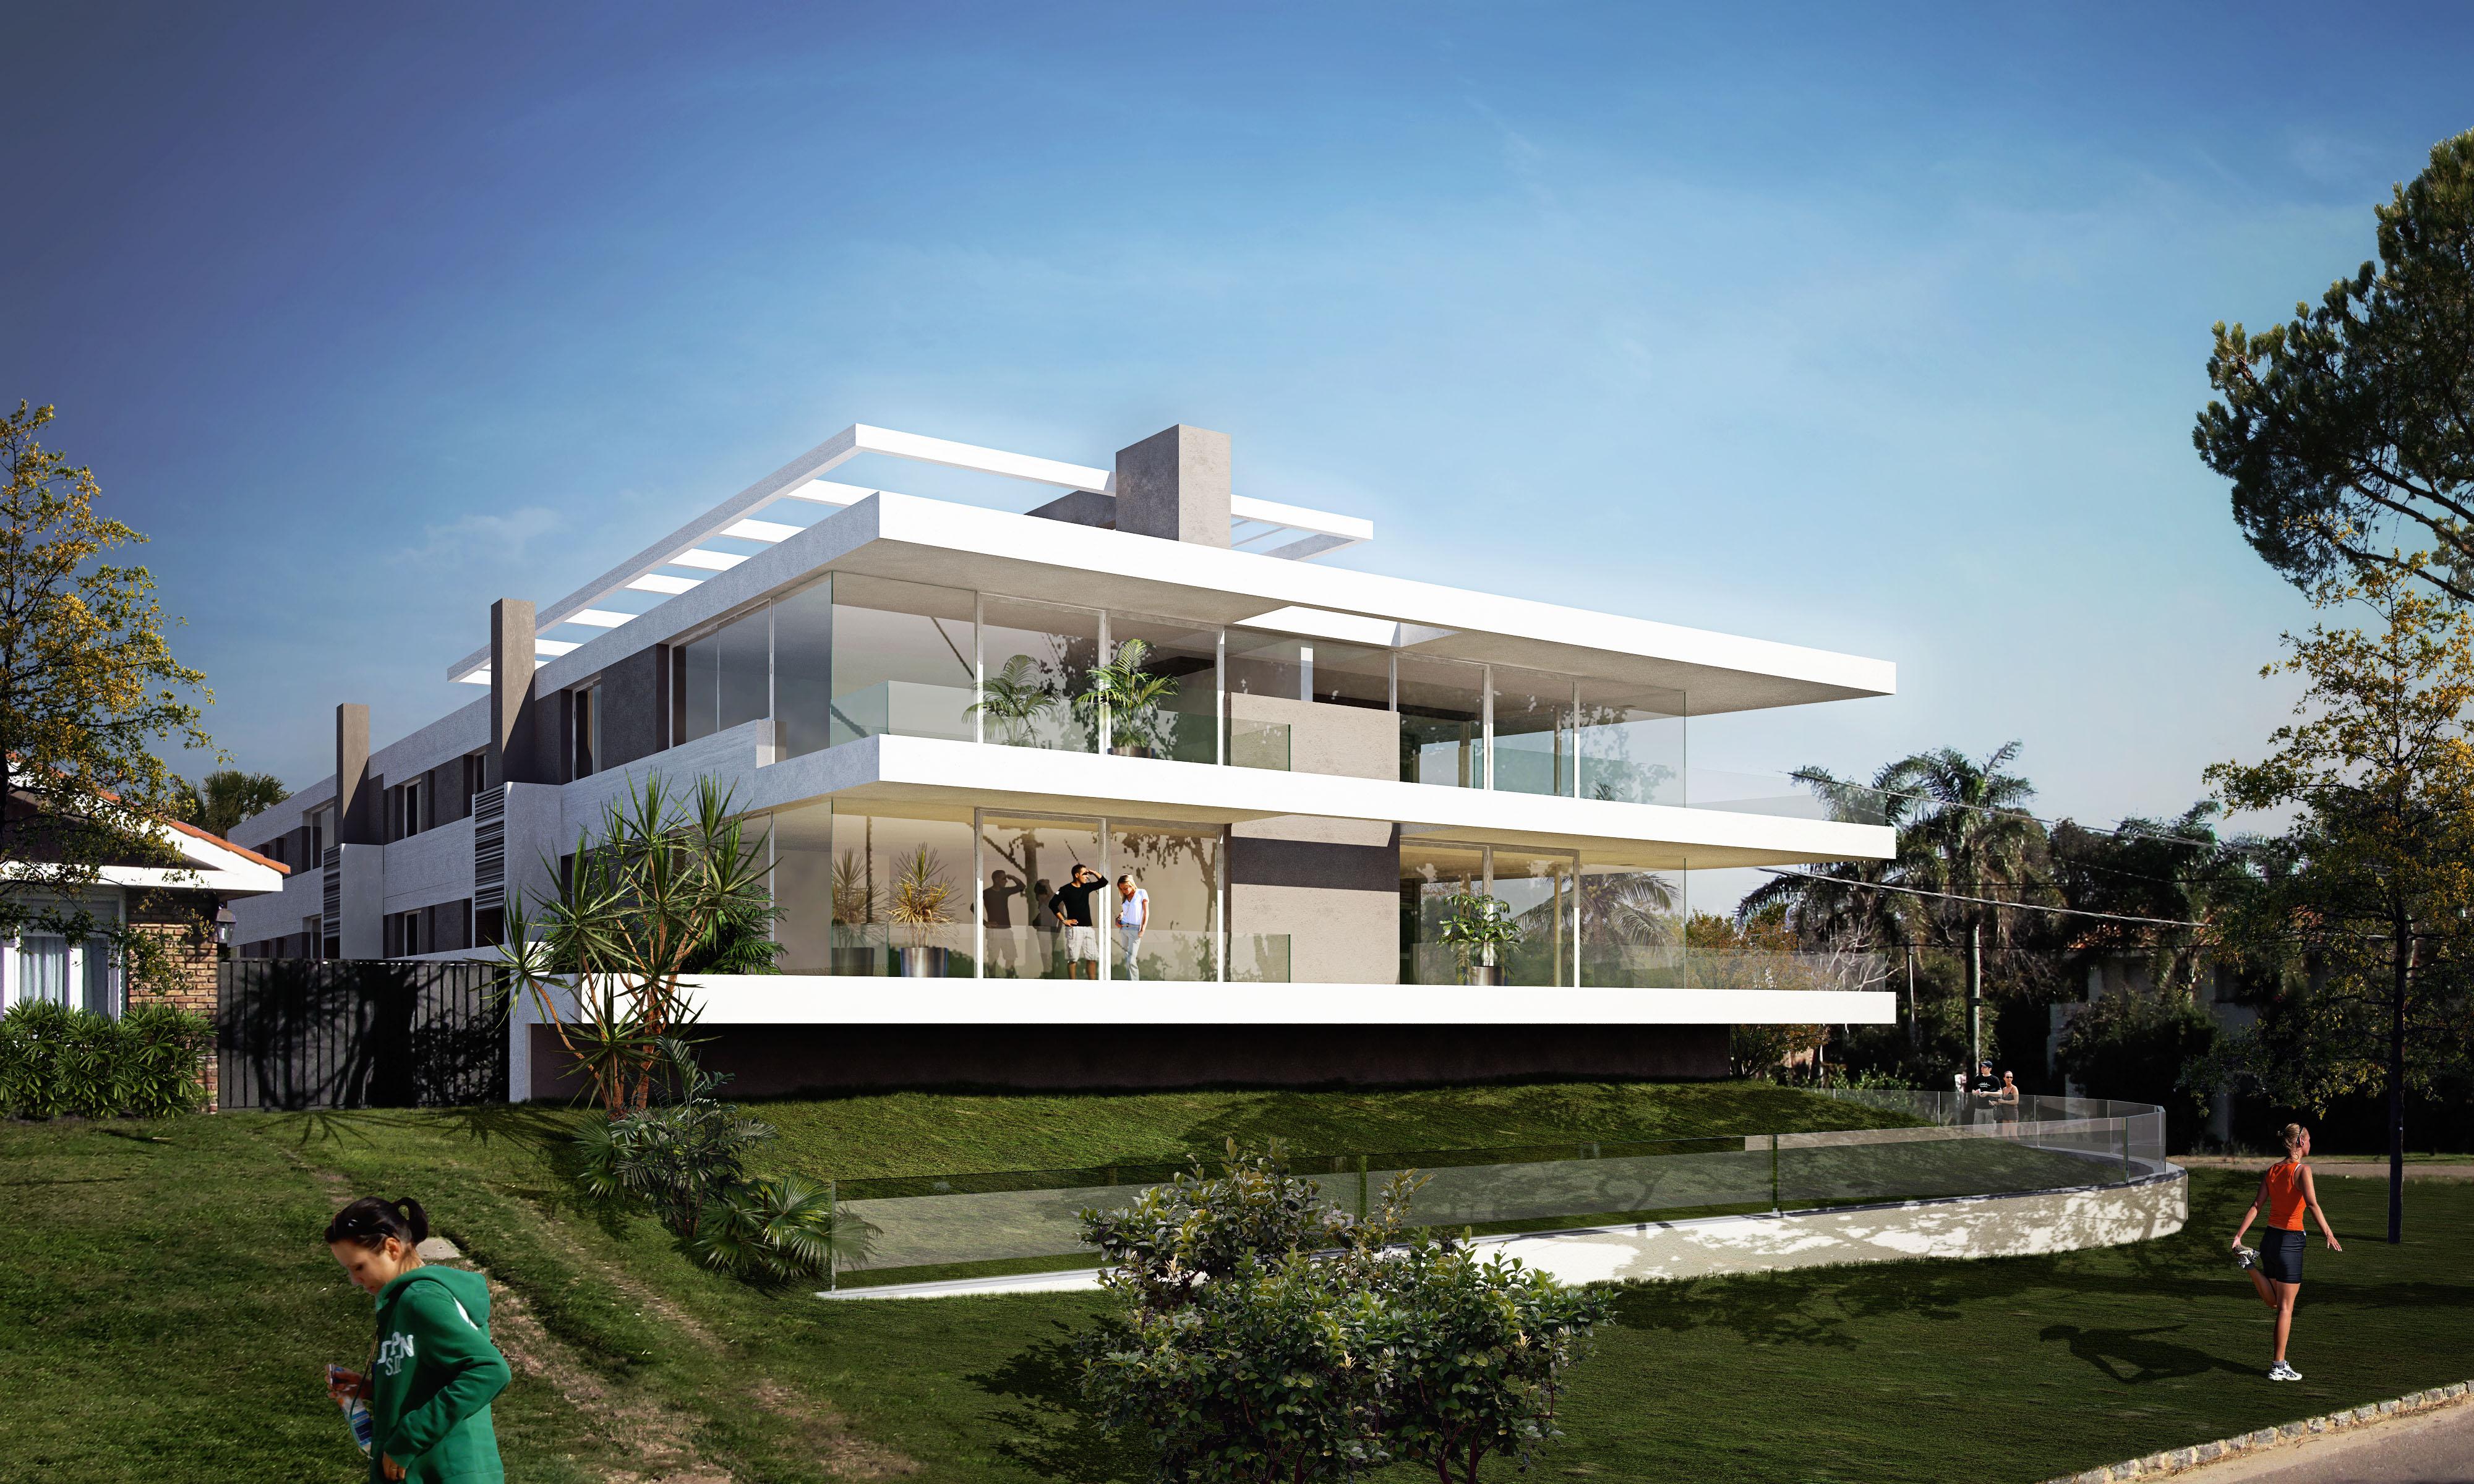 Icon lido arquitecta karin bia estudio arquitectura for Casa minimalista uruguay